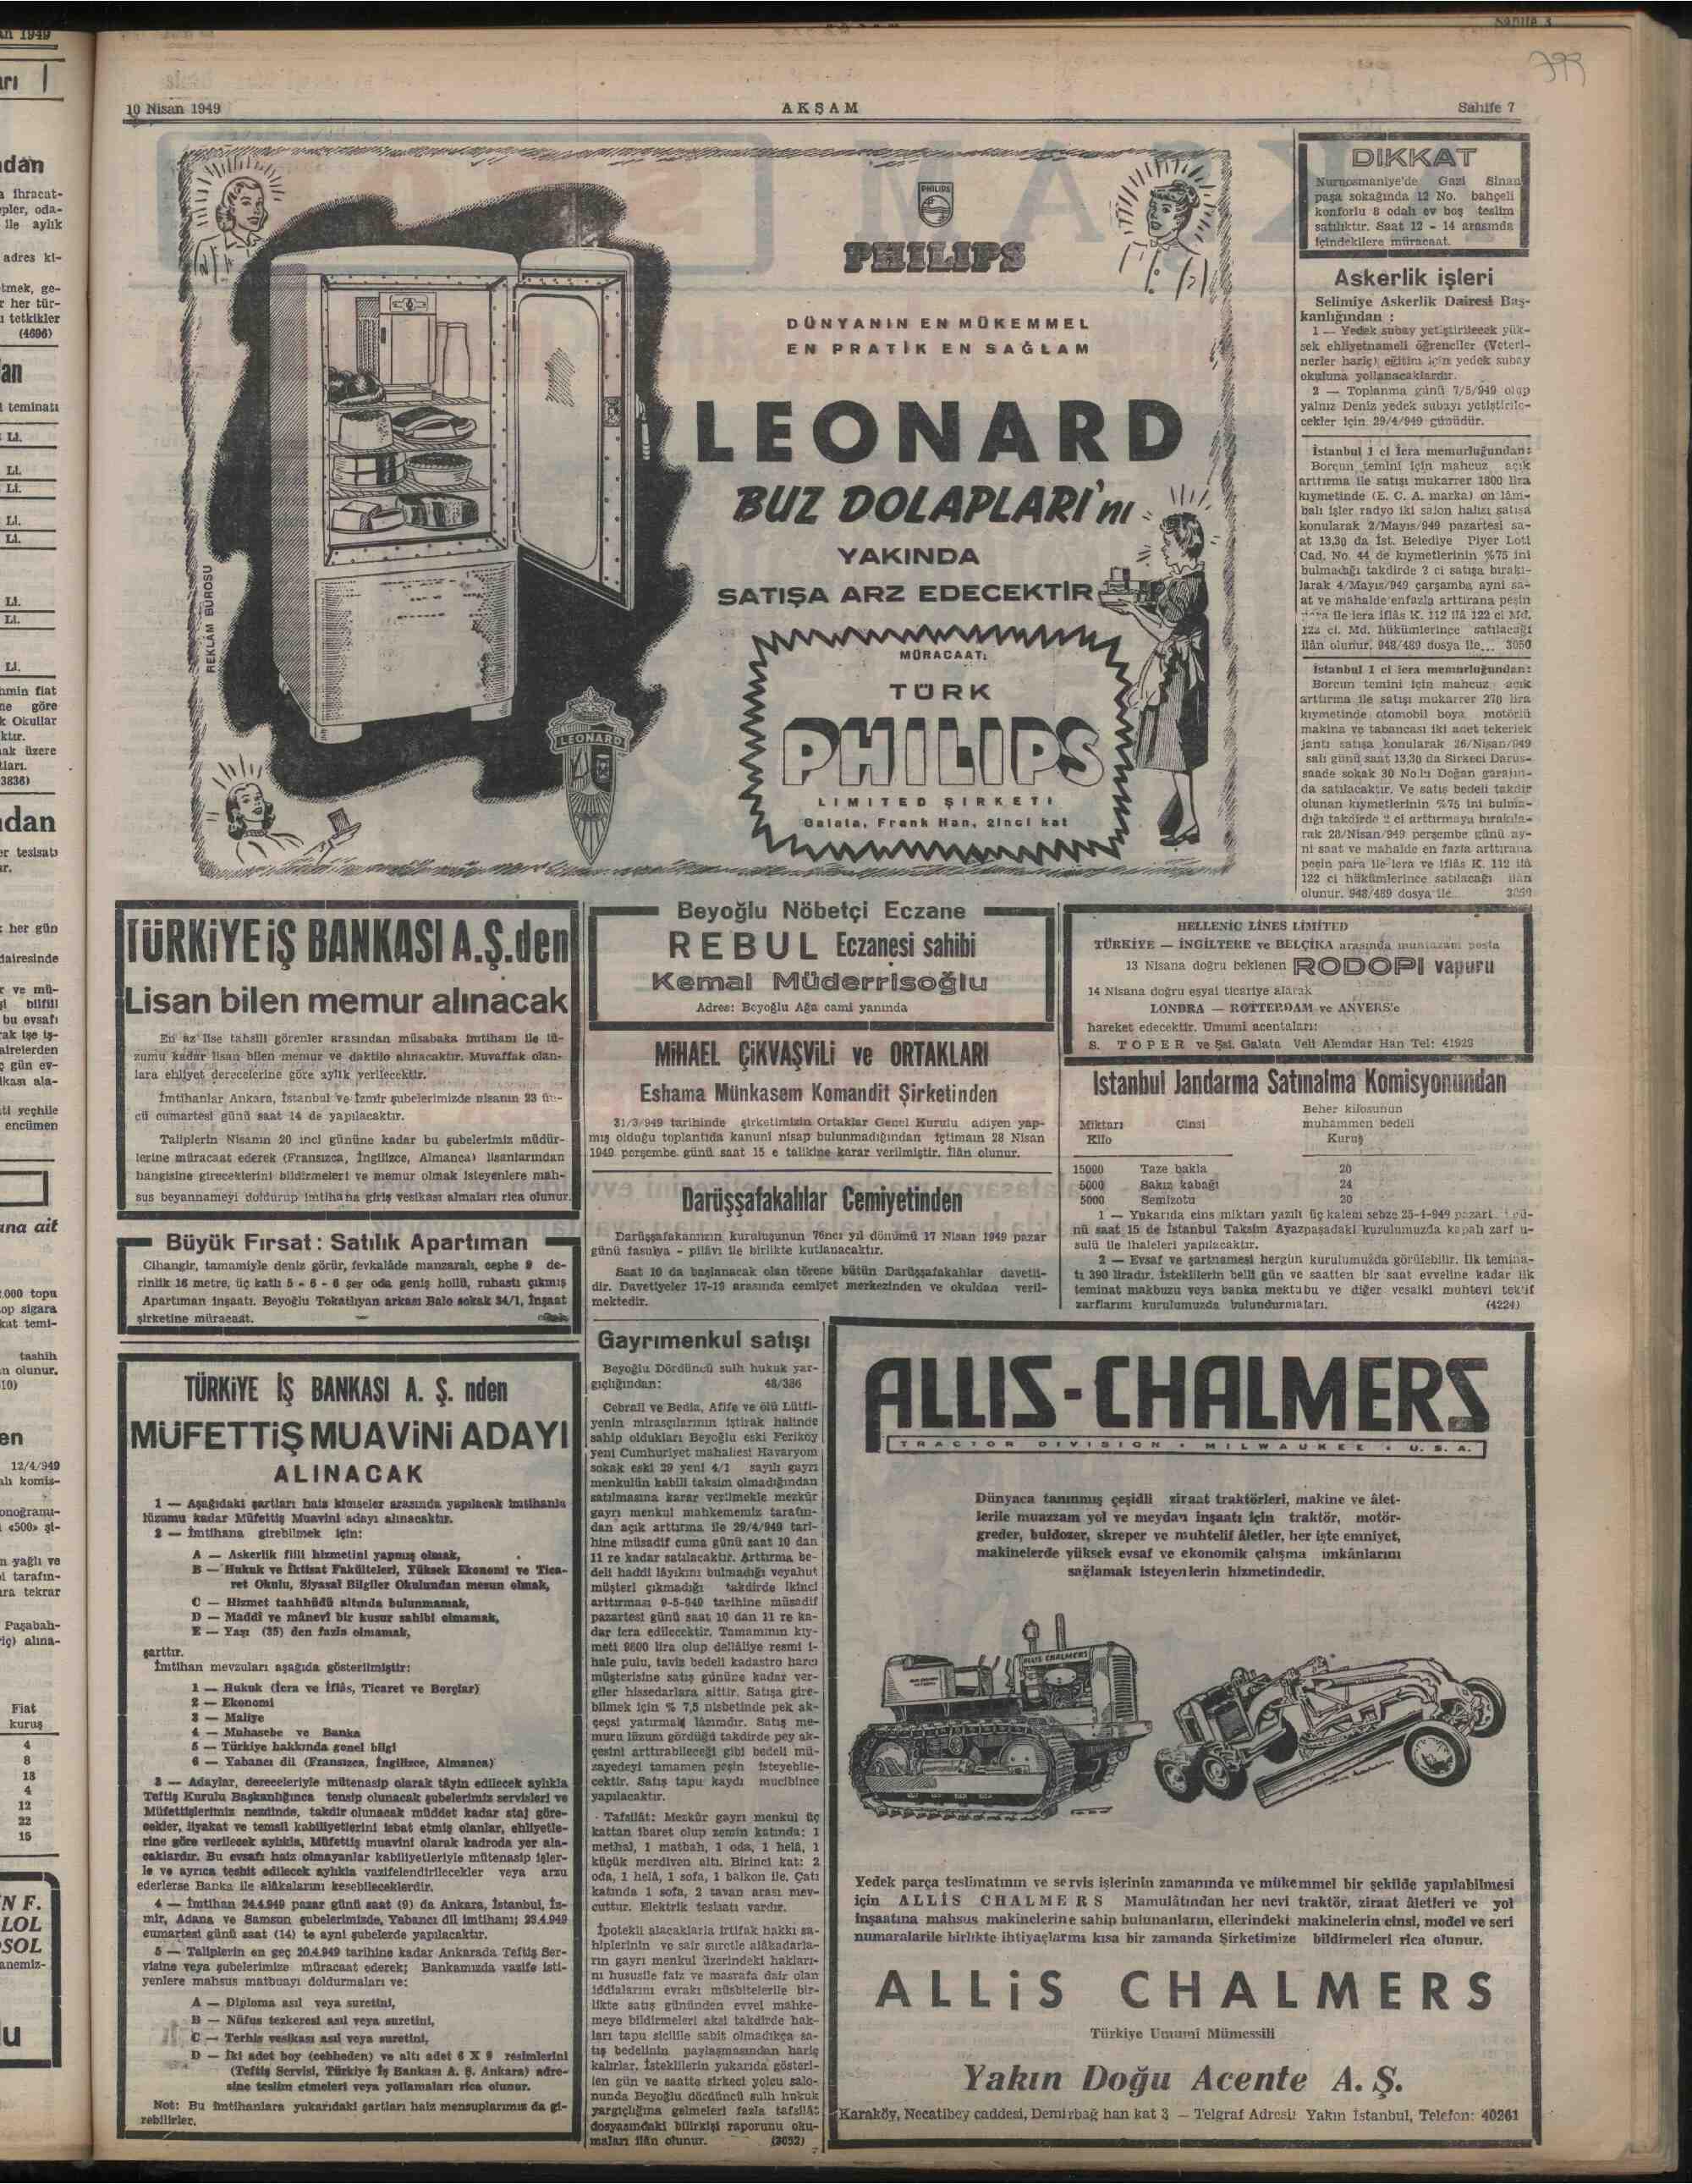 10 Nisan 1949 Tarihli Akşam Dergisi Sayfa 7